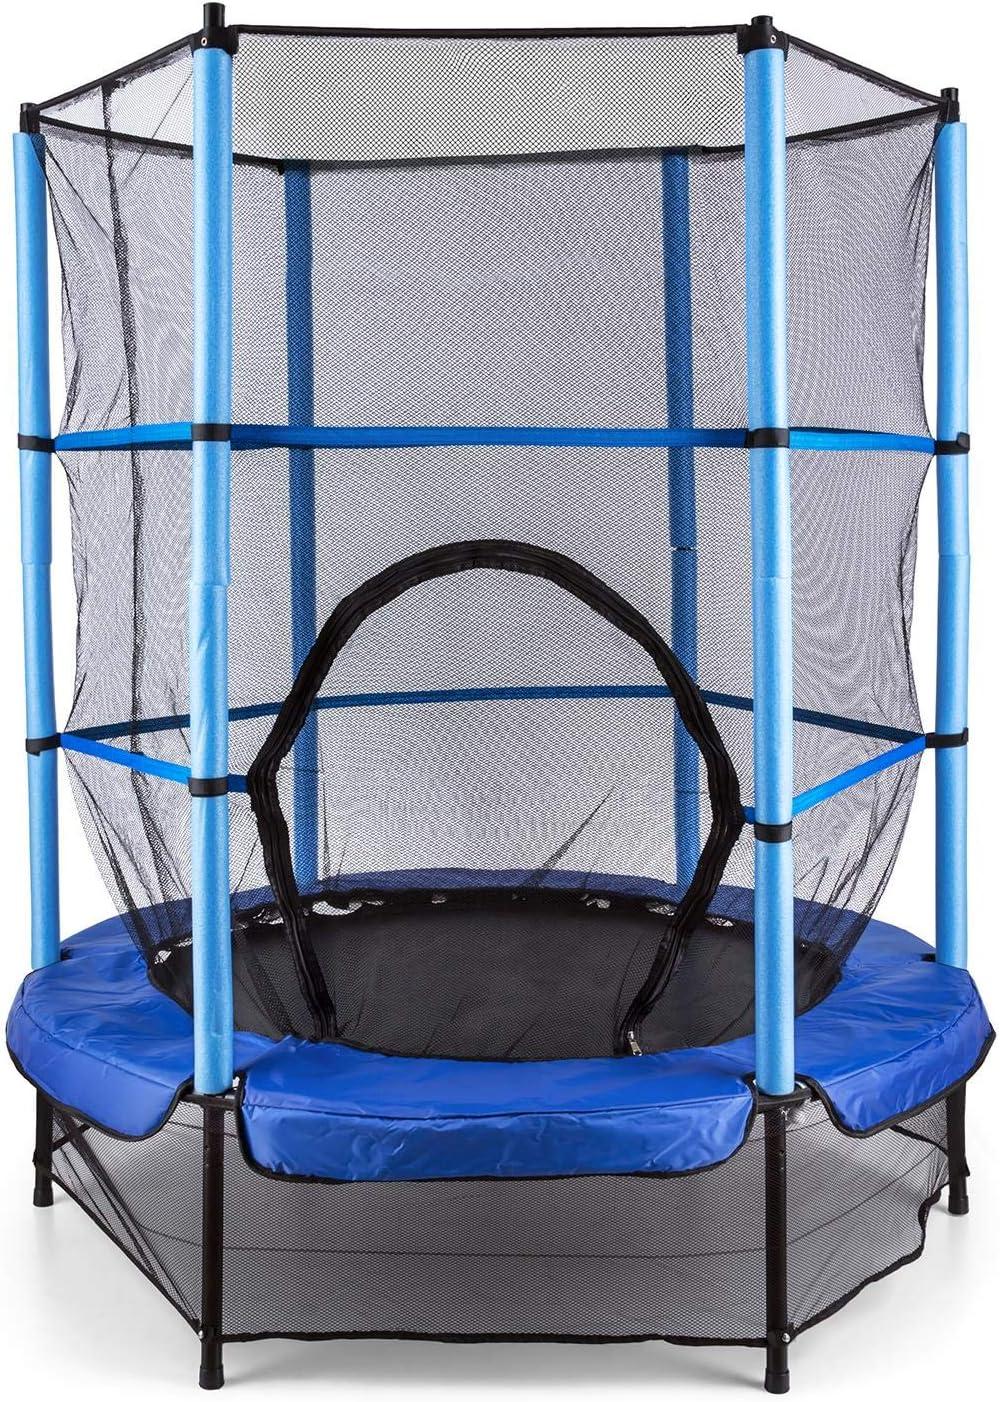 Klarfit Rocketkid Blue Edition - Cama eslástica, Cama elástica Infantil, A Partir de 3 años, 140 cm, Red de Seguridad, Suspensión de Cuerda elástica, Carga máx. 50 kg, Borde Acolchado, Azul